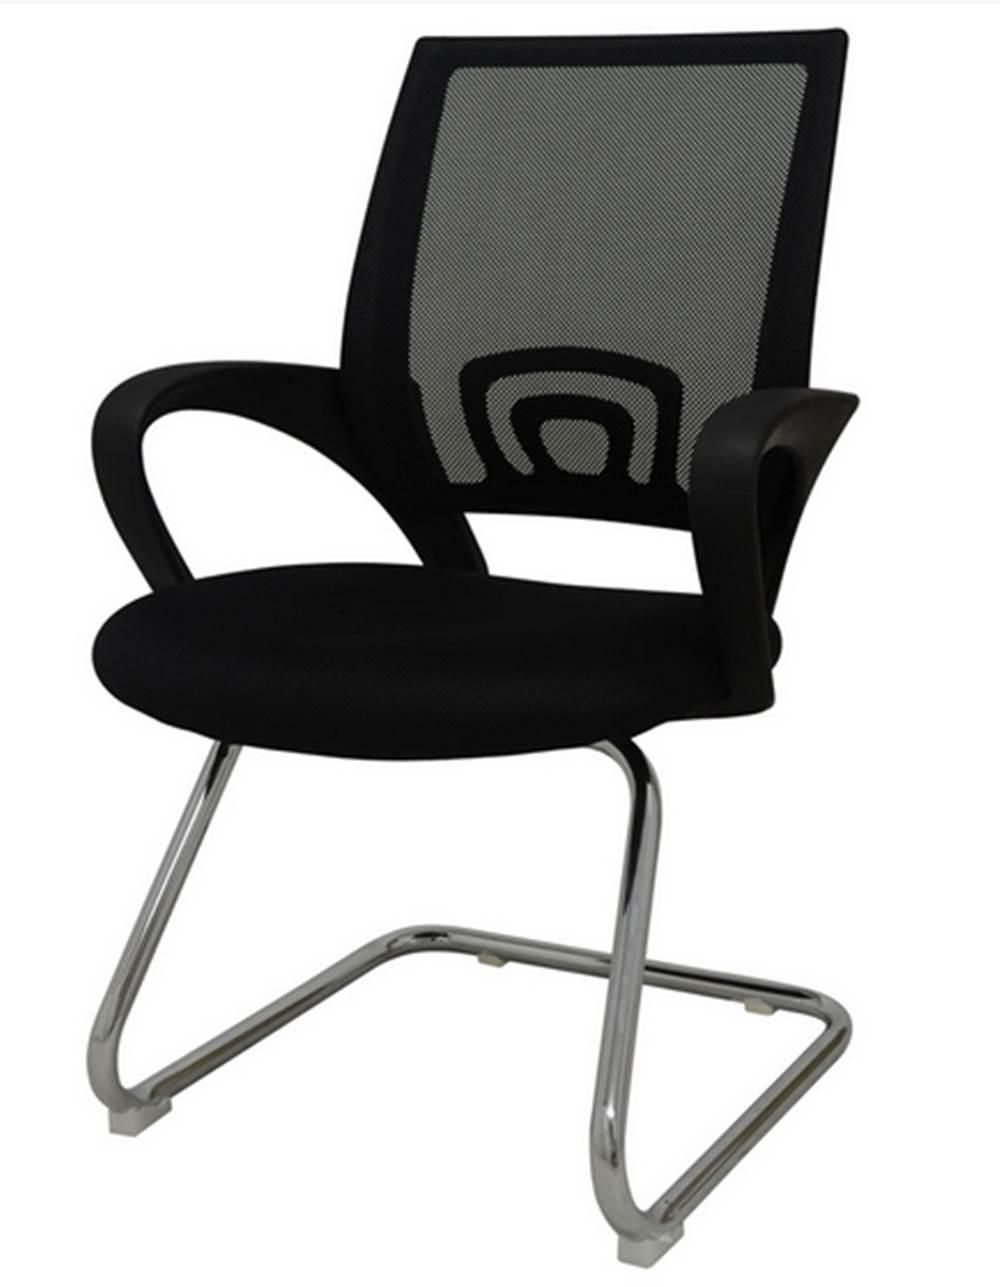 Cadeira Office Santiago Fixa em Nylon Preto - 27697